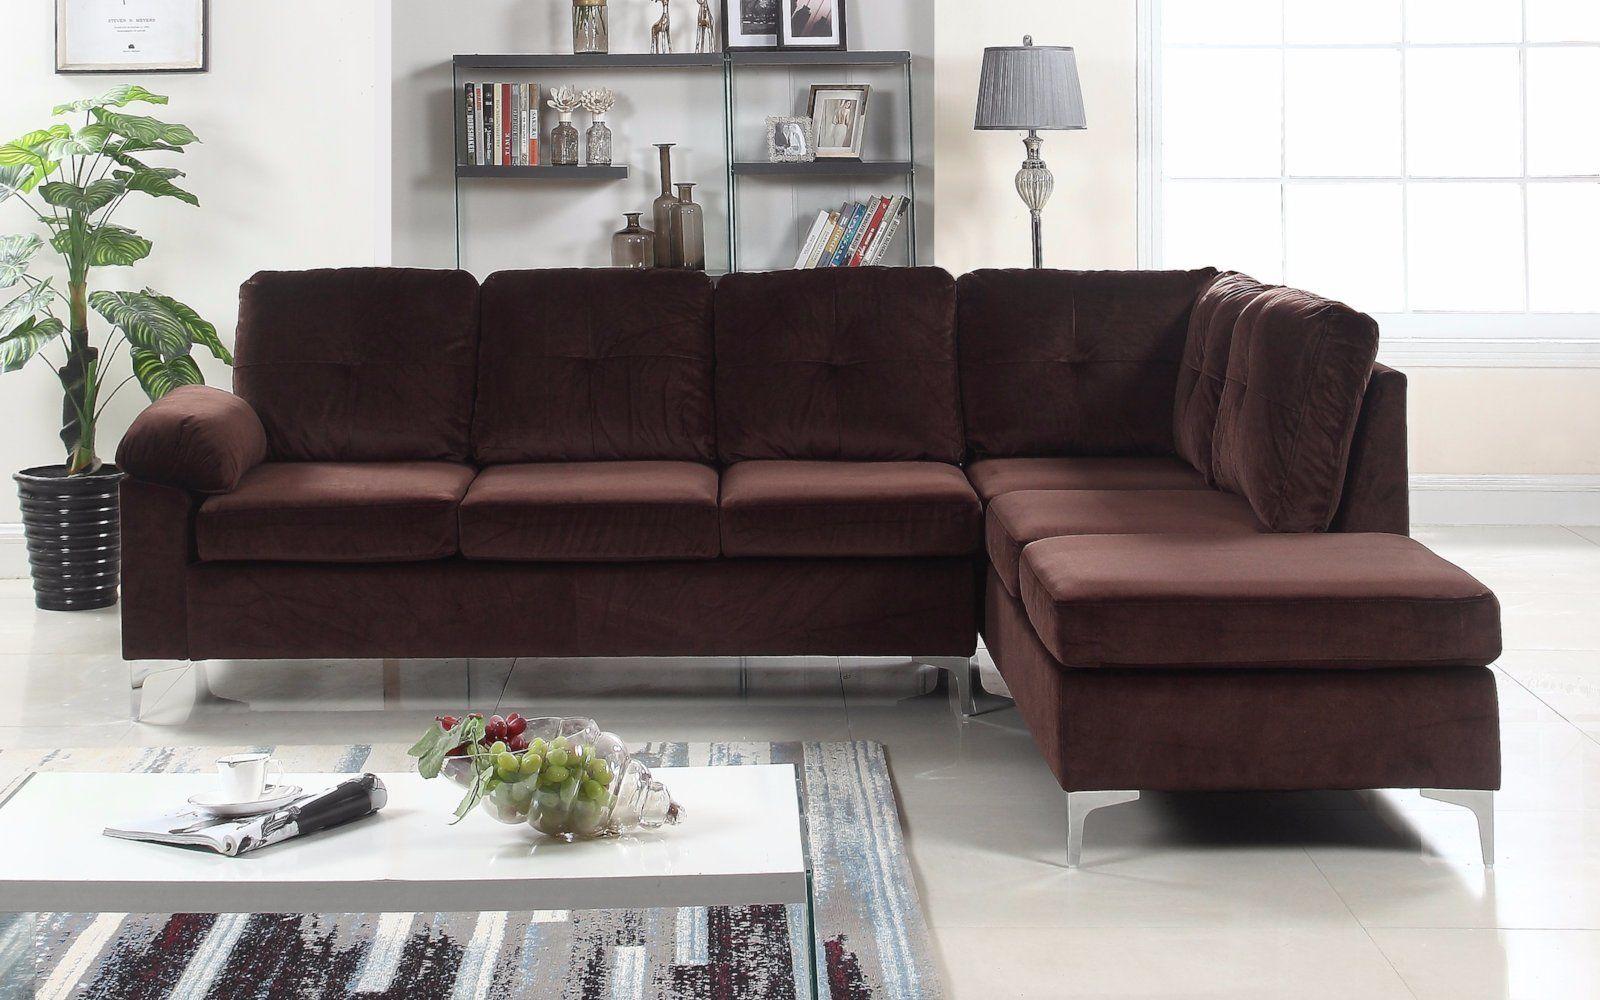 Helsinki modern tufted brush microfiber sectional sofa